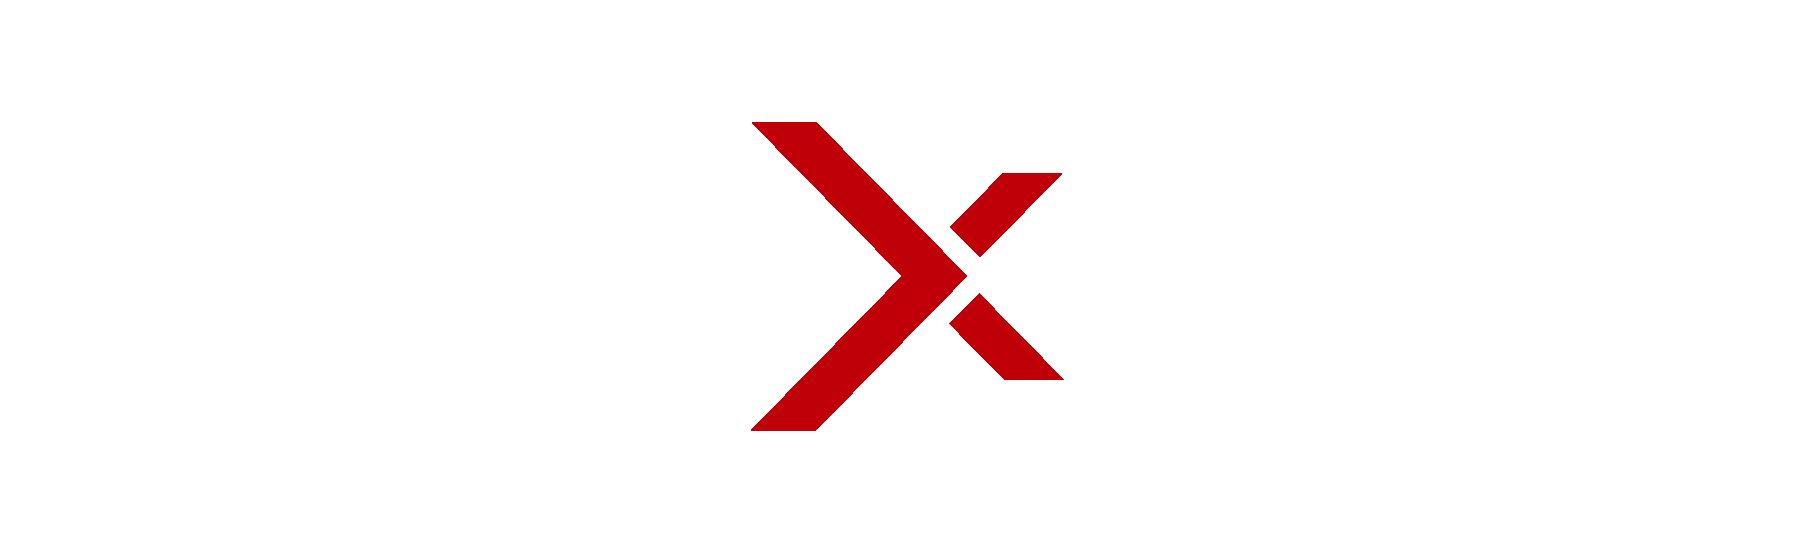 CORPX 譽展